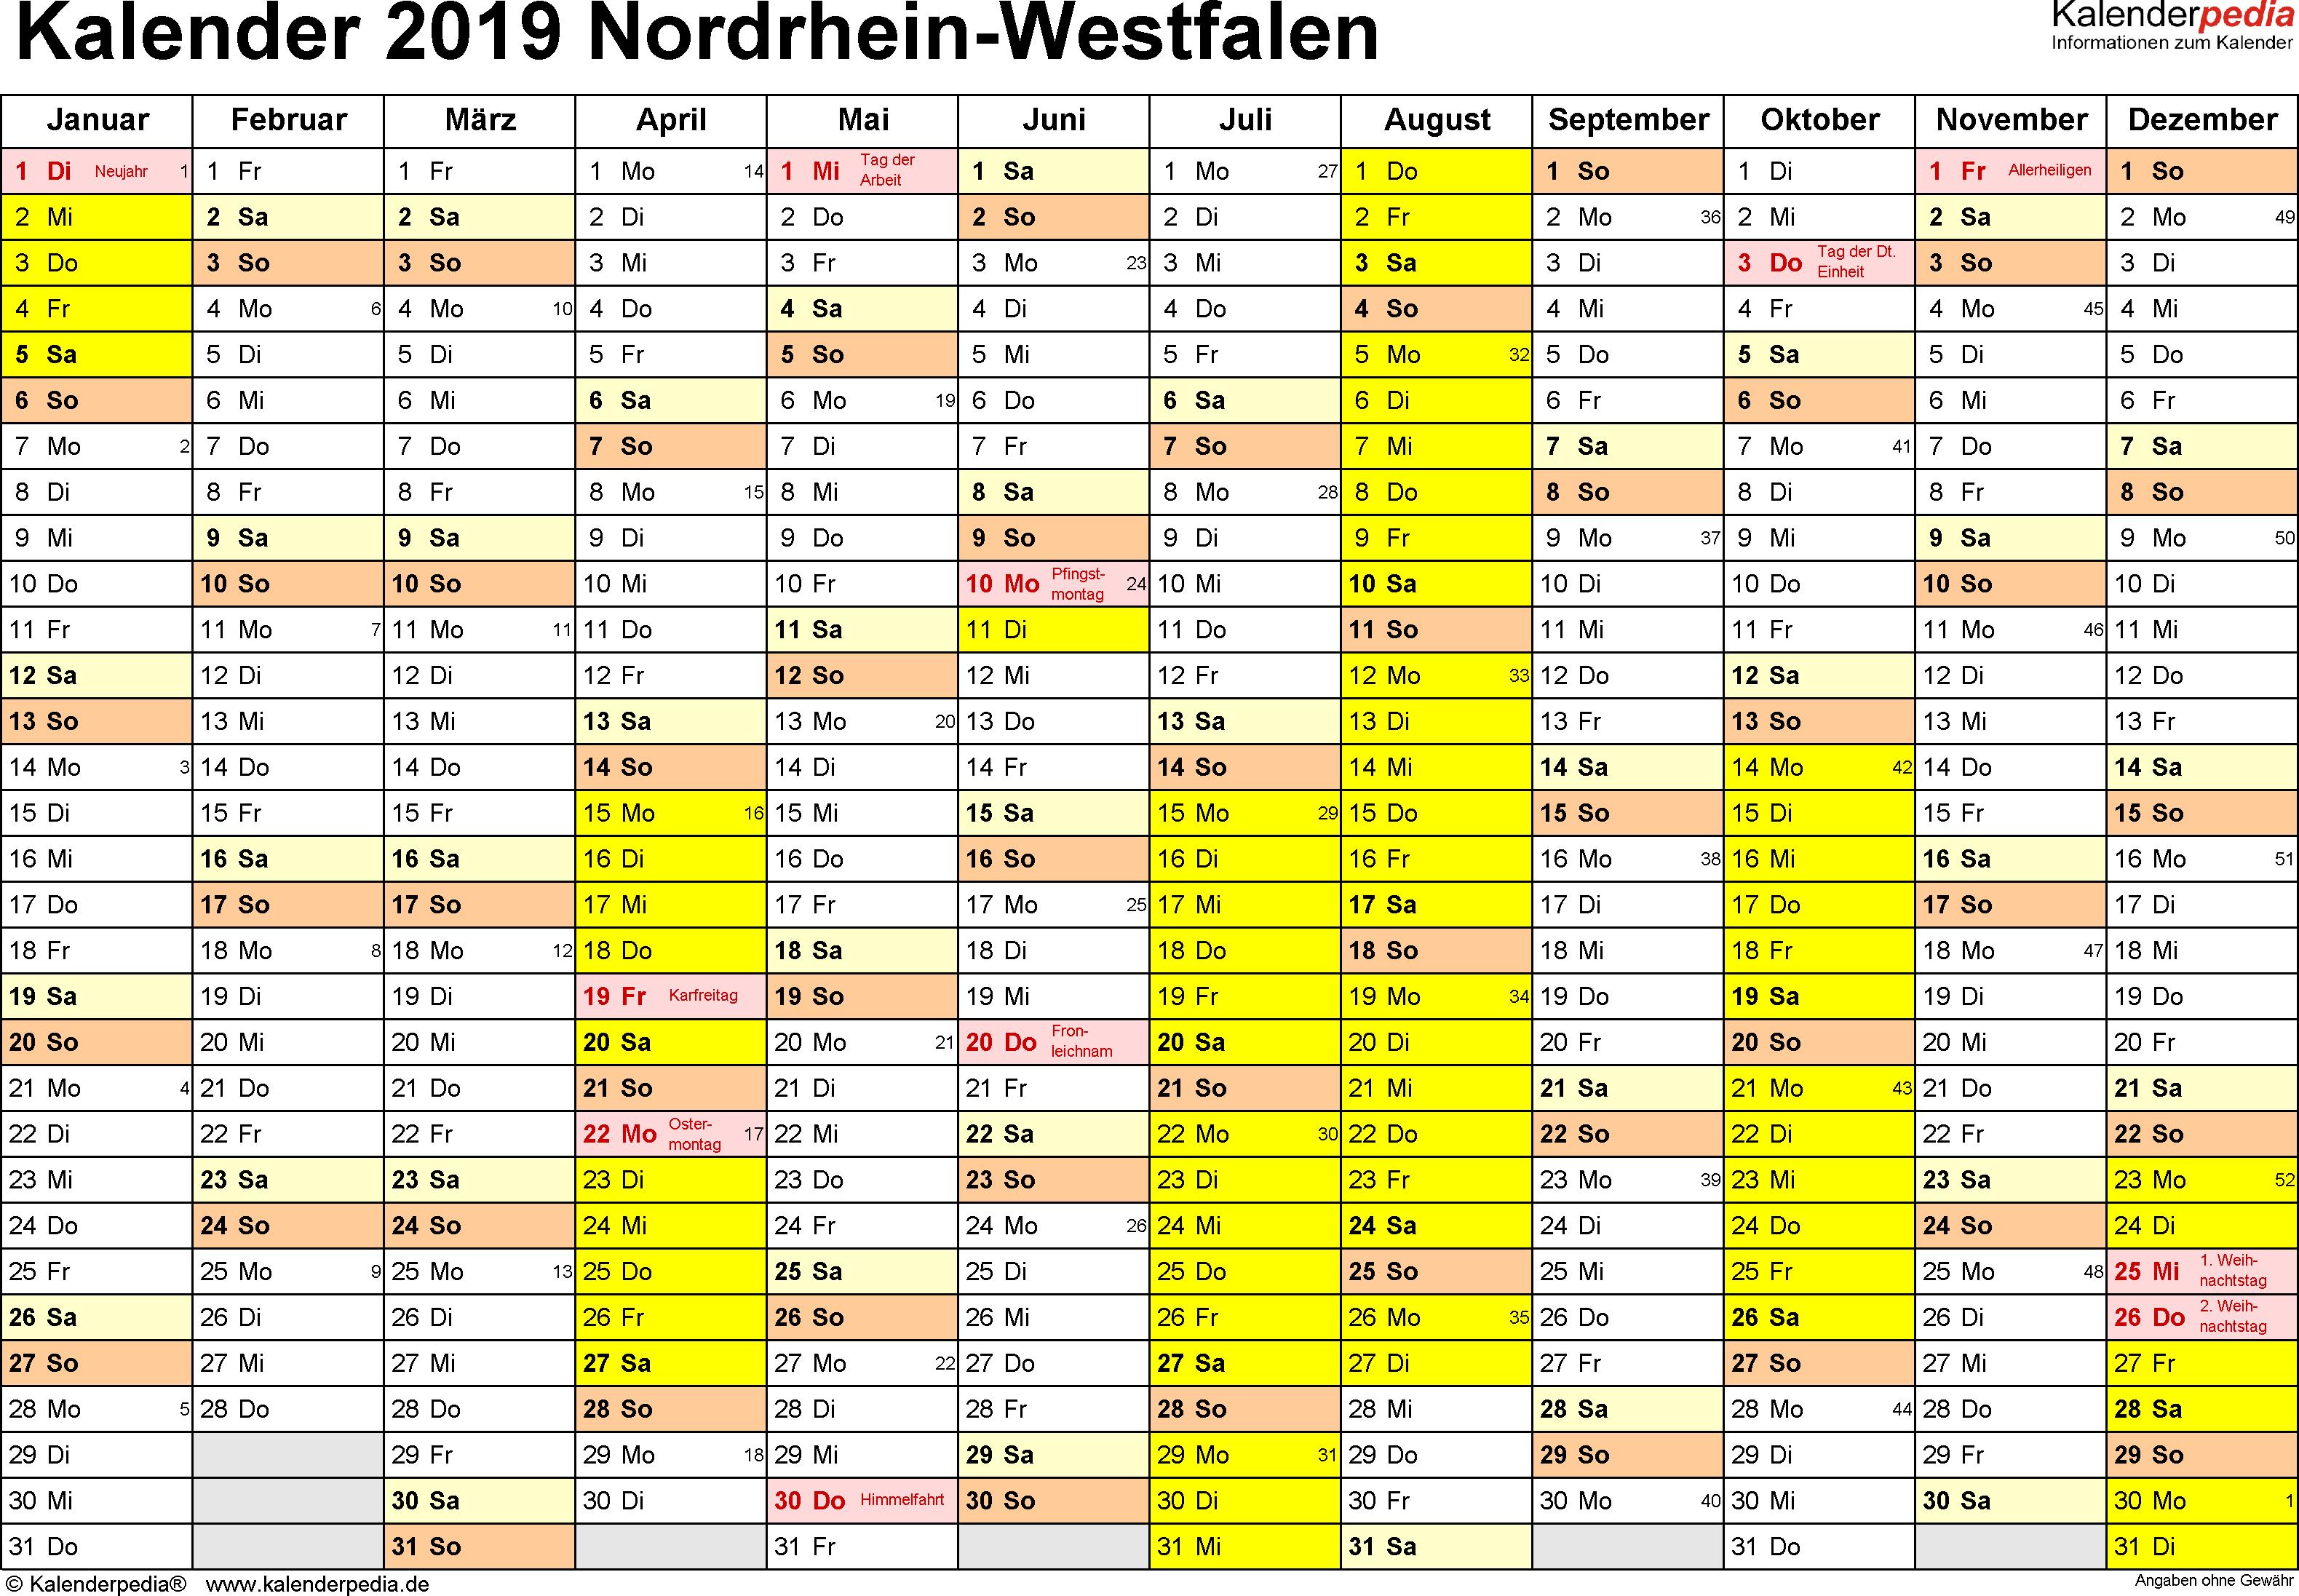 Weihnachten 2019 Nrw.Ferien Nordrhein Westfalen Nrw 2019 übersicht Der Ferientermine